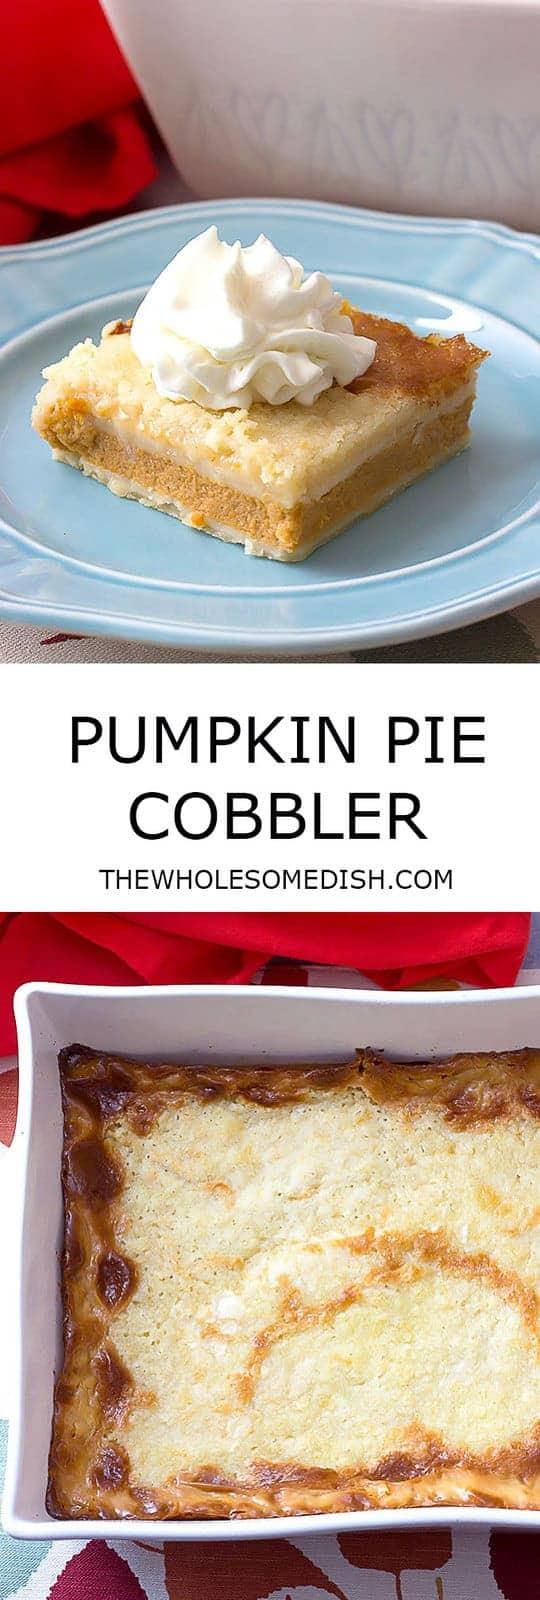 Pumpkin Pie Cobbler has a sweet creamy pumpkin pie filling. And, a sweet, slightly crisp, buttery cobbler topping.